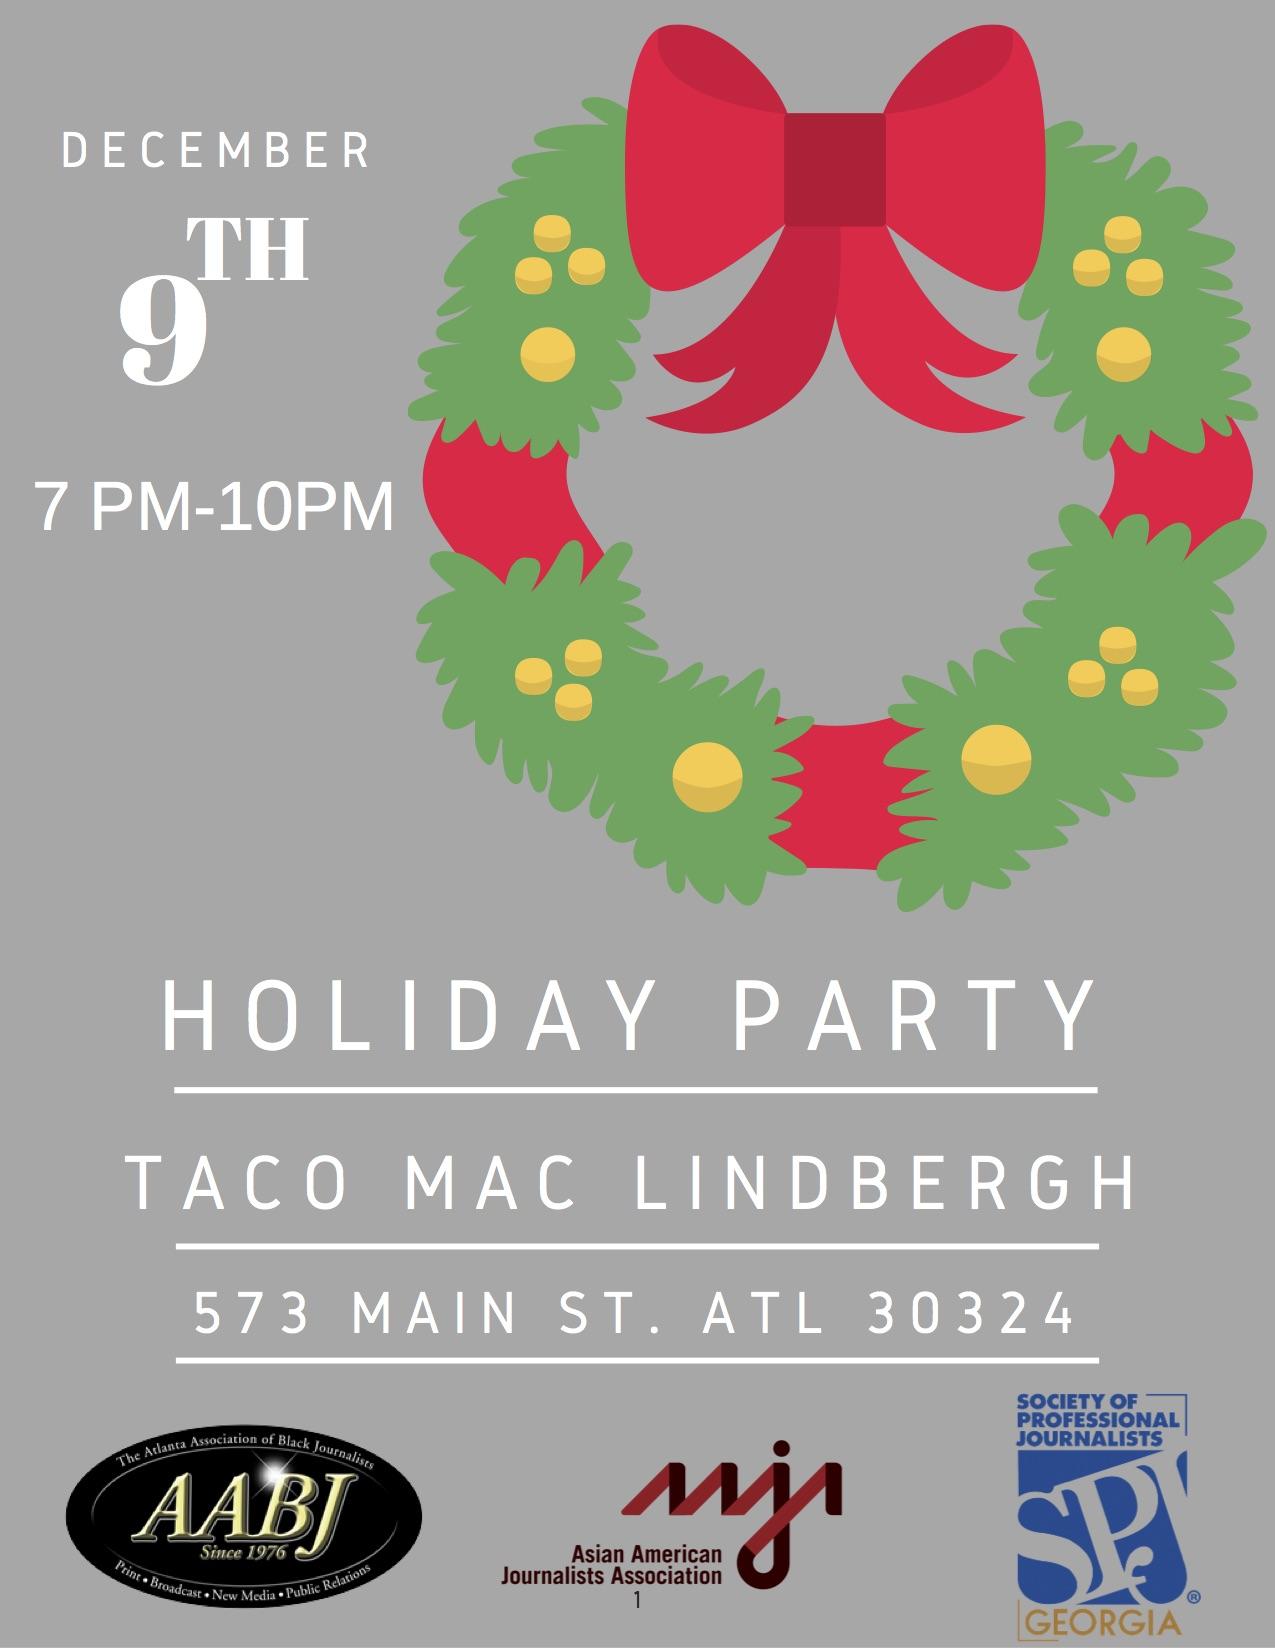 Dec. 9 mixer at Taco Mac Lindbergh flyer